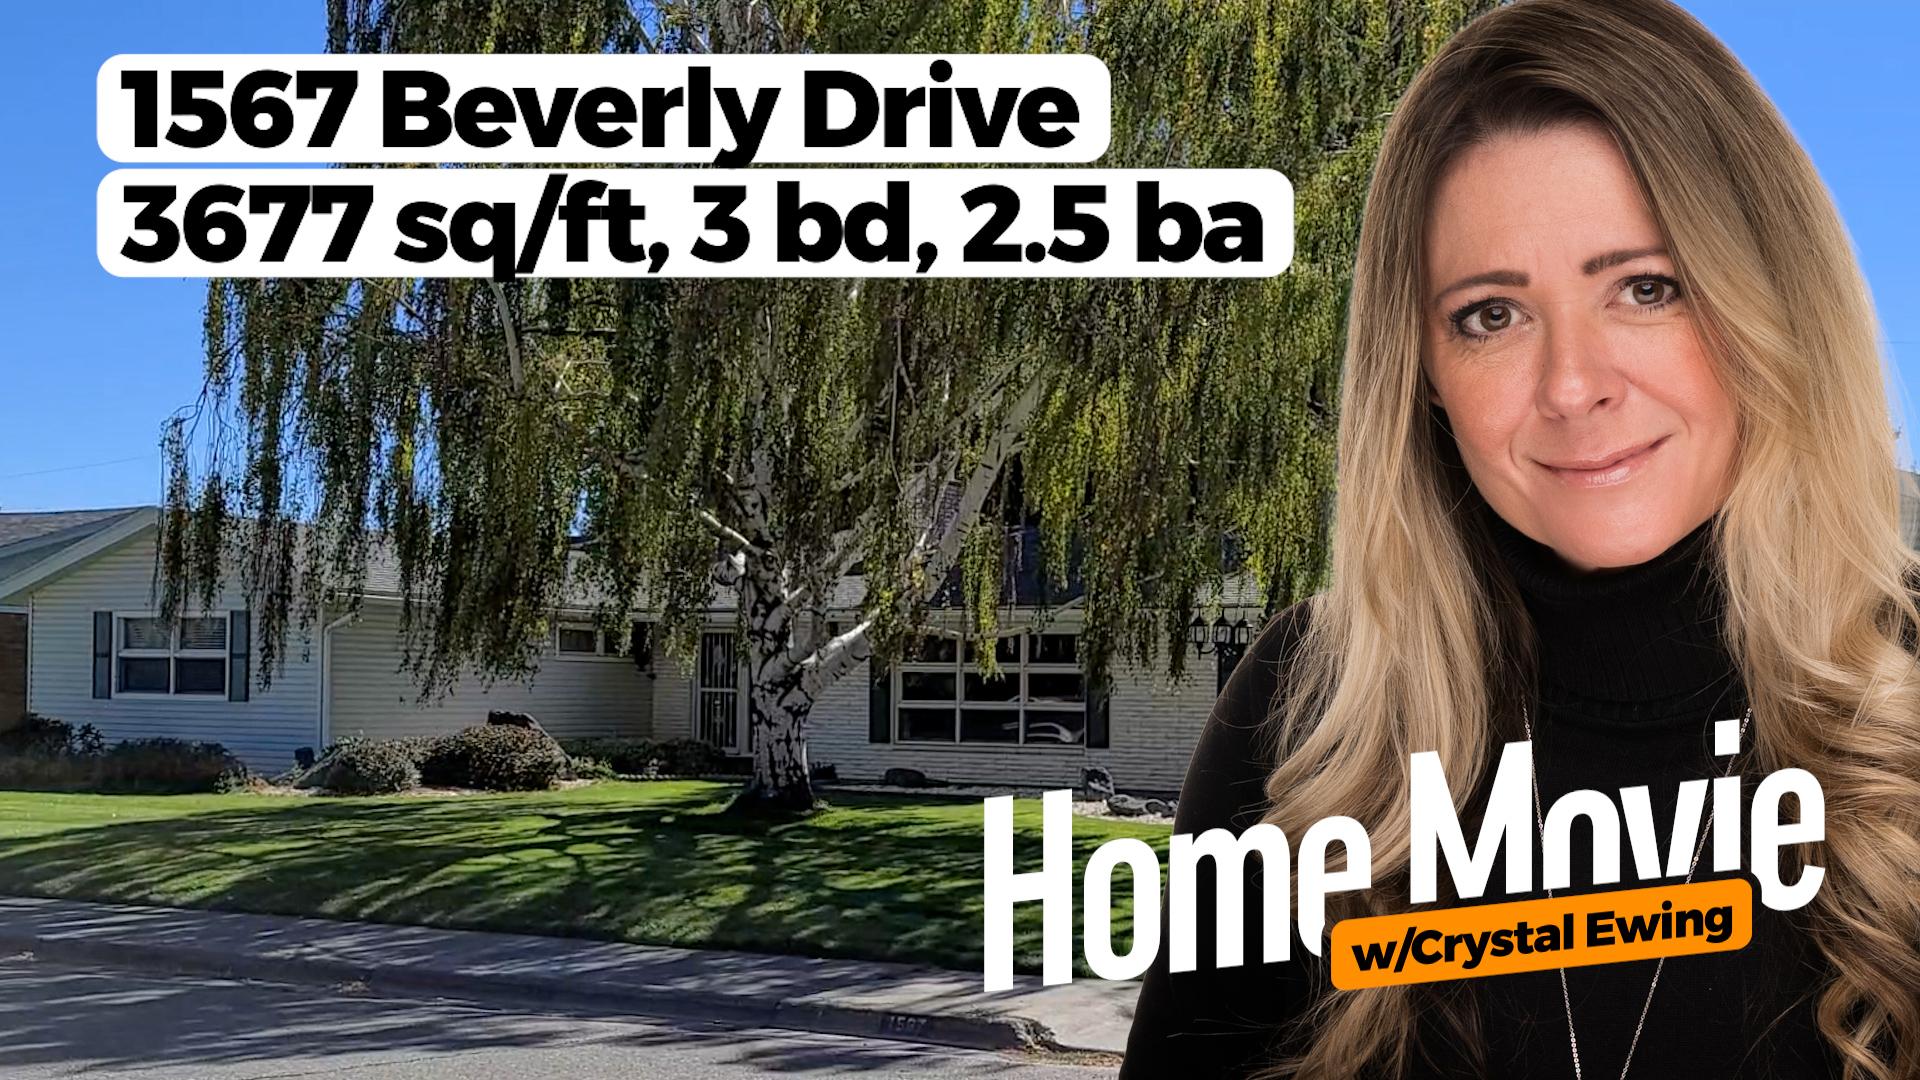 NEW TO THE MARKET! 1567 Beverly Road in Idaho Falls, Idaho!